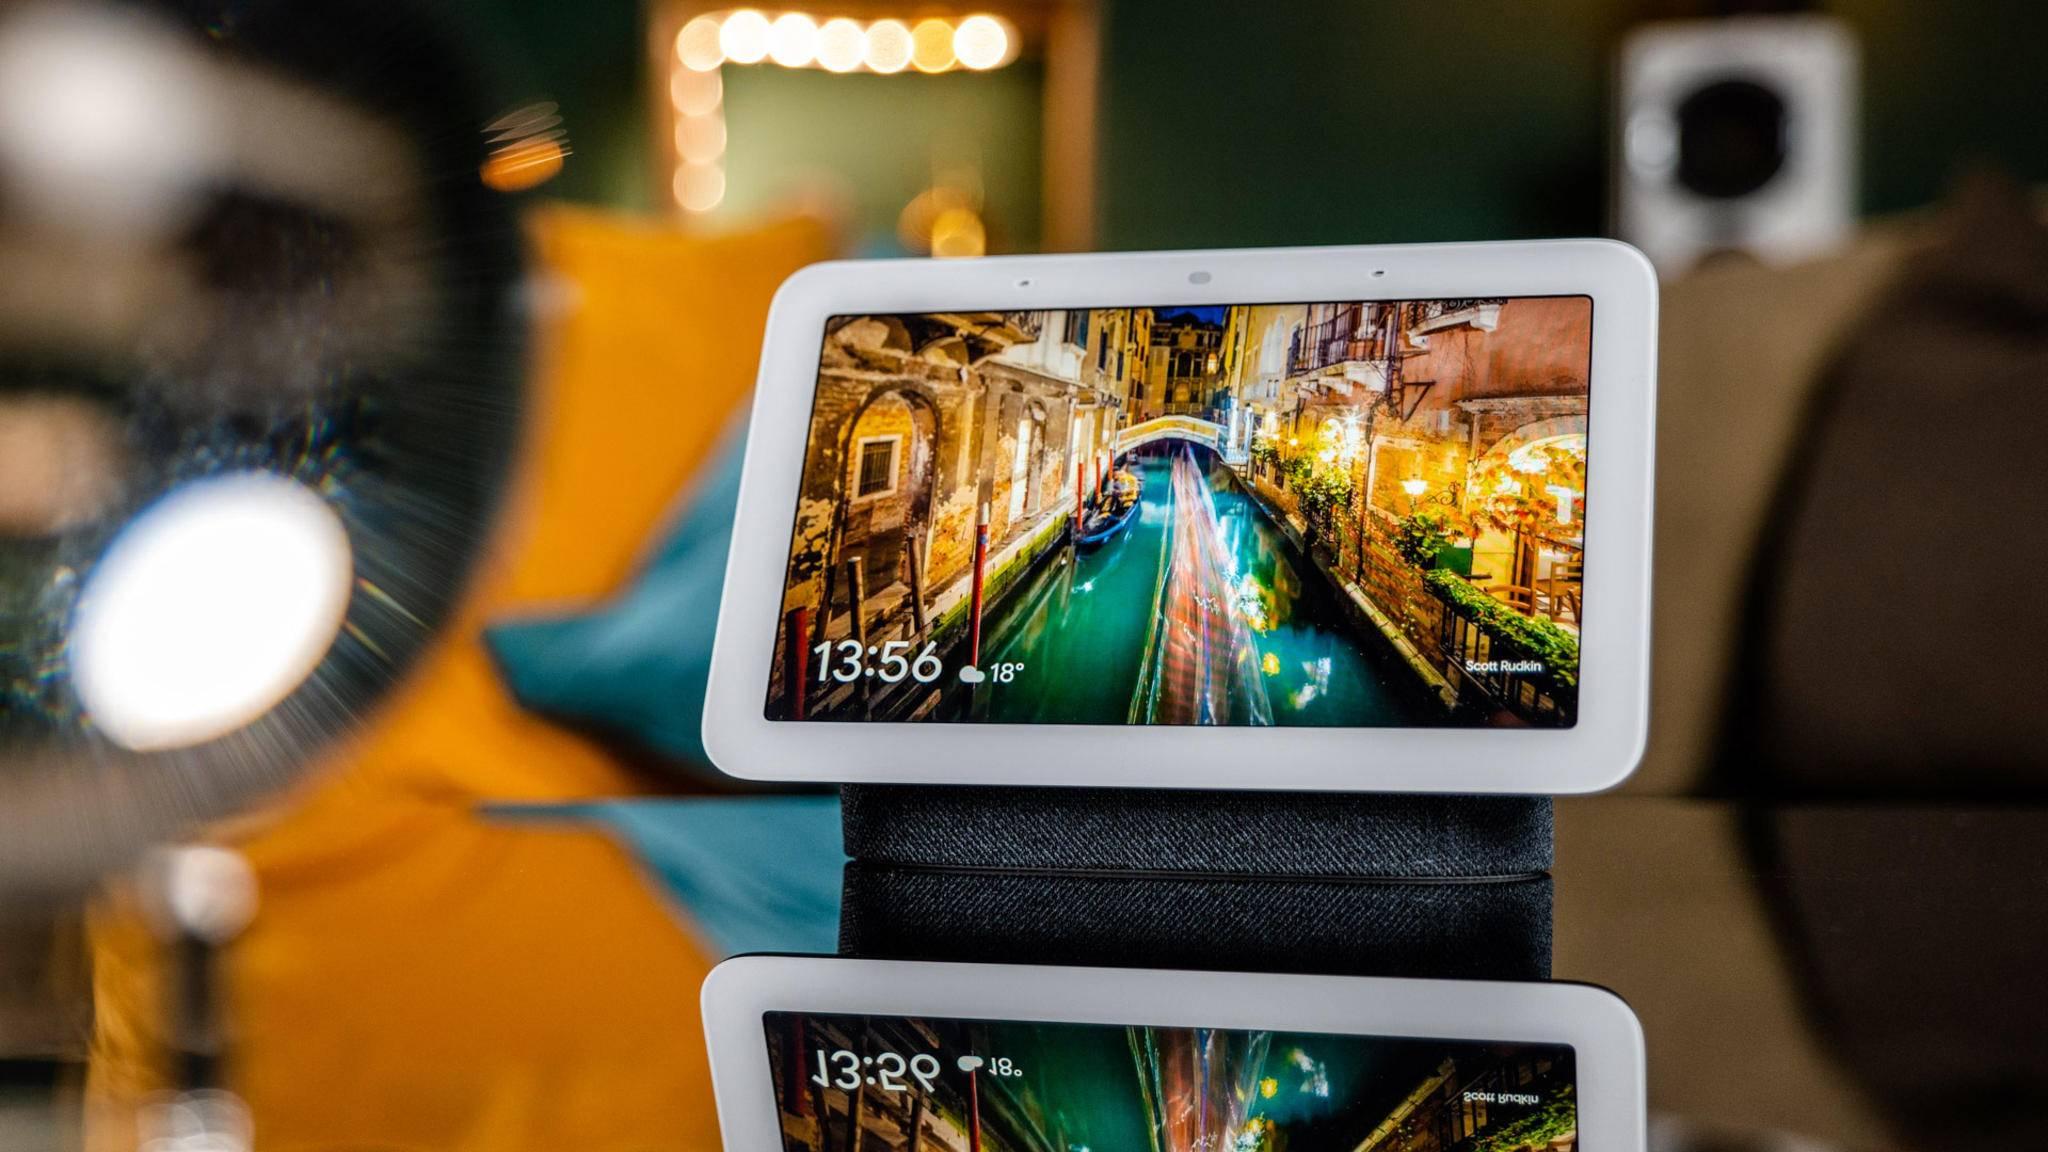 Smart-Home-Geräte erleichtern Dir den Alltag – aber welche sind mit Google Nest kompatibel? Wir verraten es Dir!